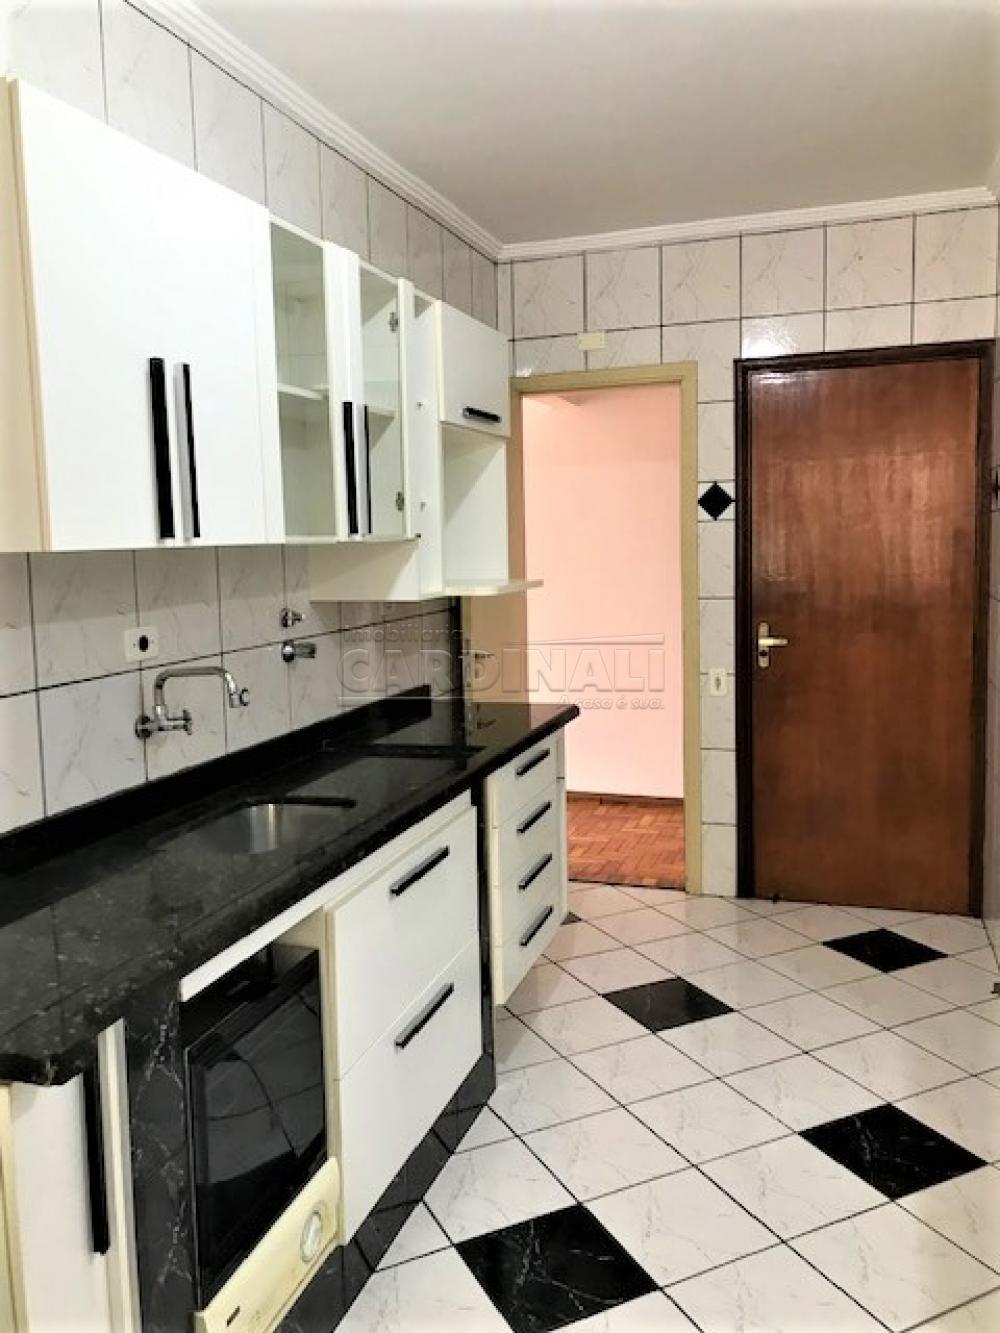 Comprar Apartamento / Padrão em São Carlos R$ 370.000,00 - Foto 22